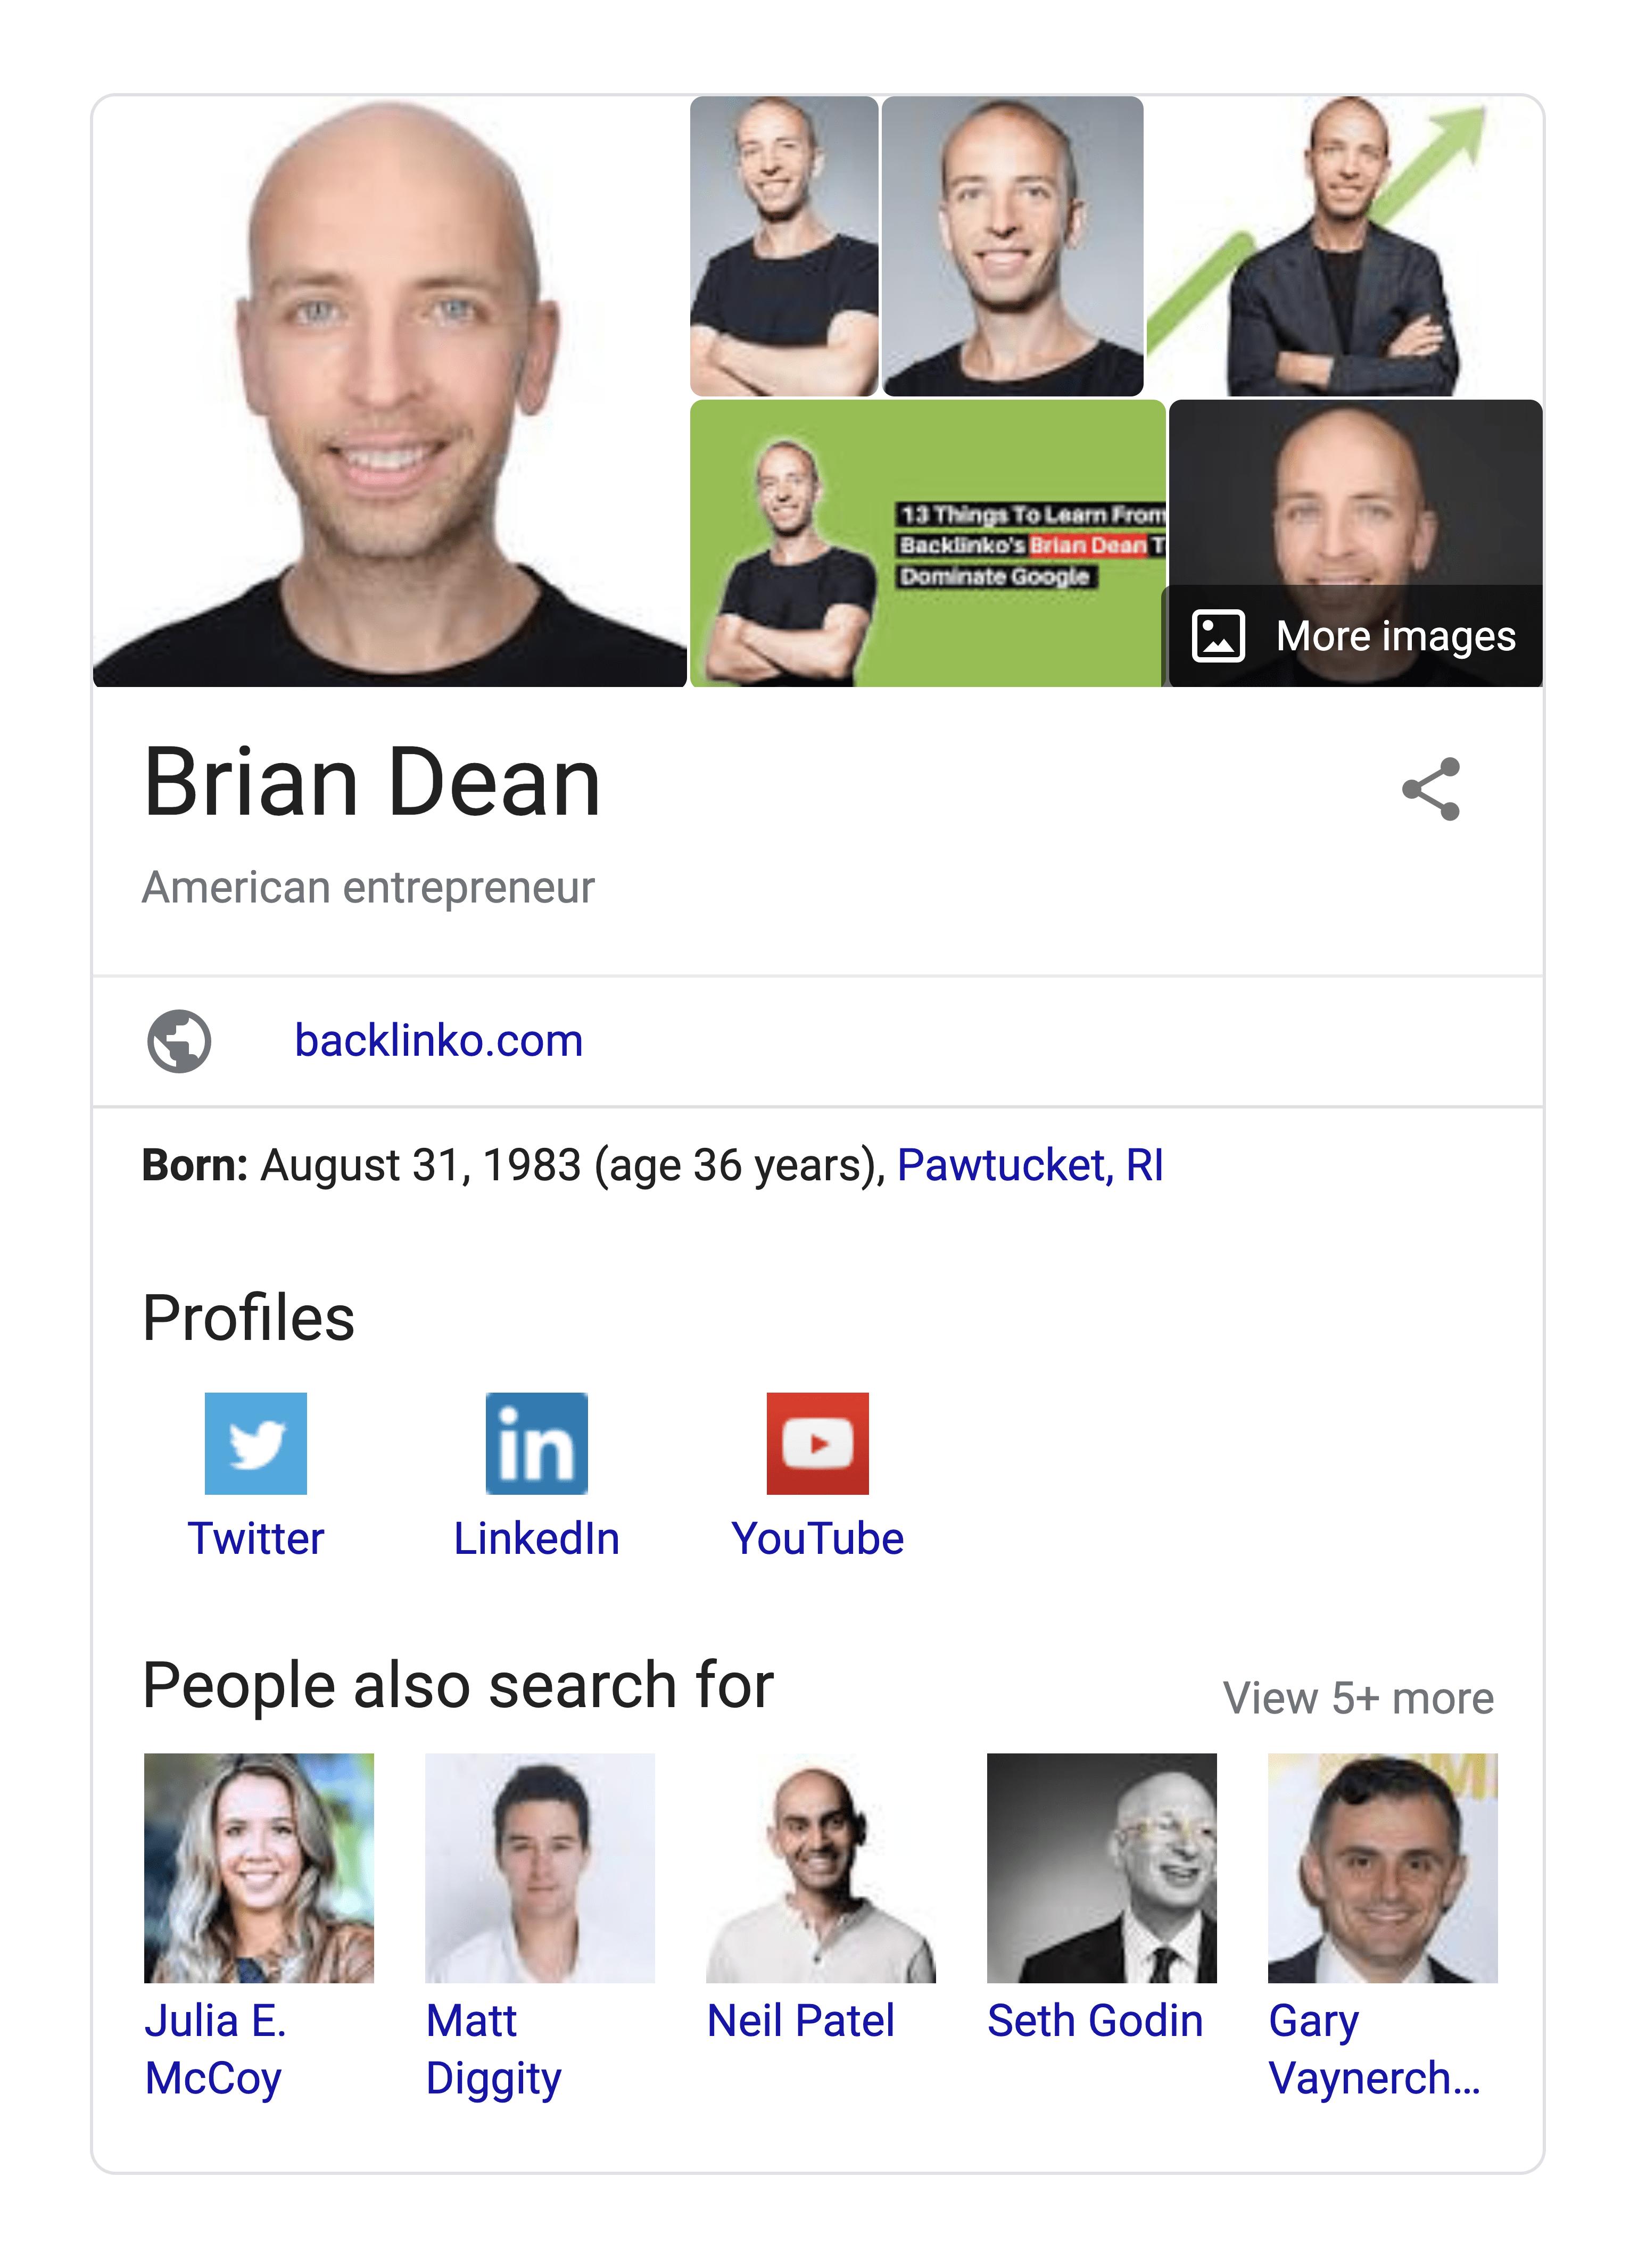 Brian Dean Google Knowledge Card